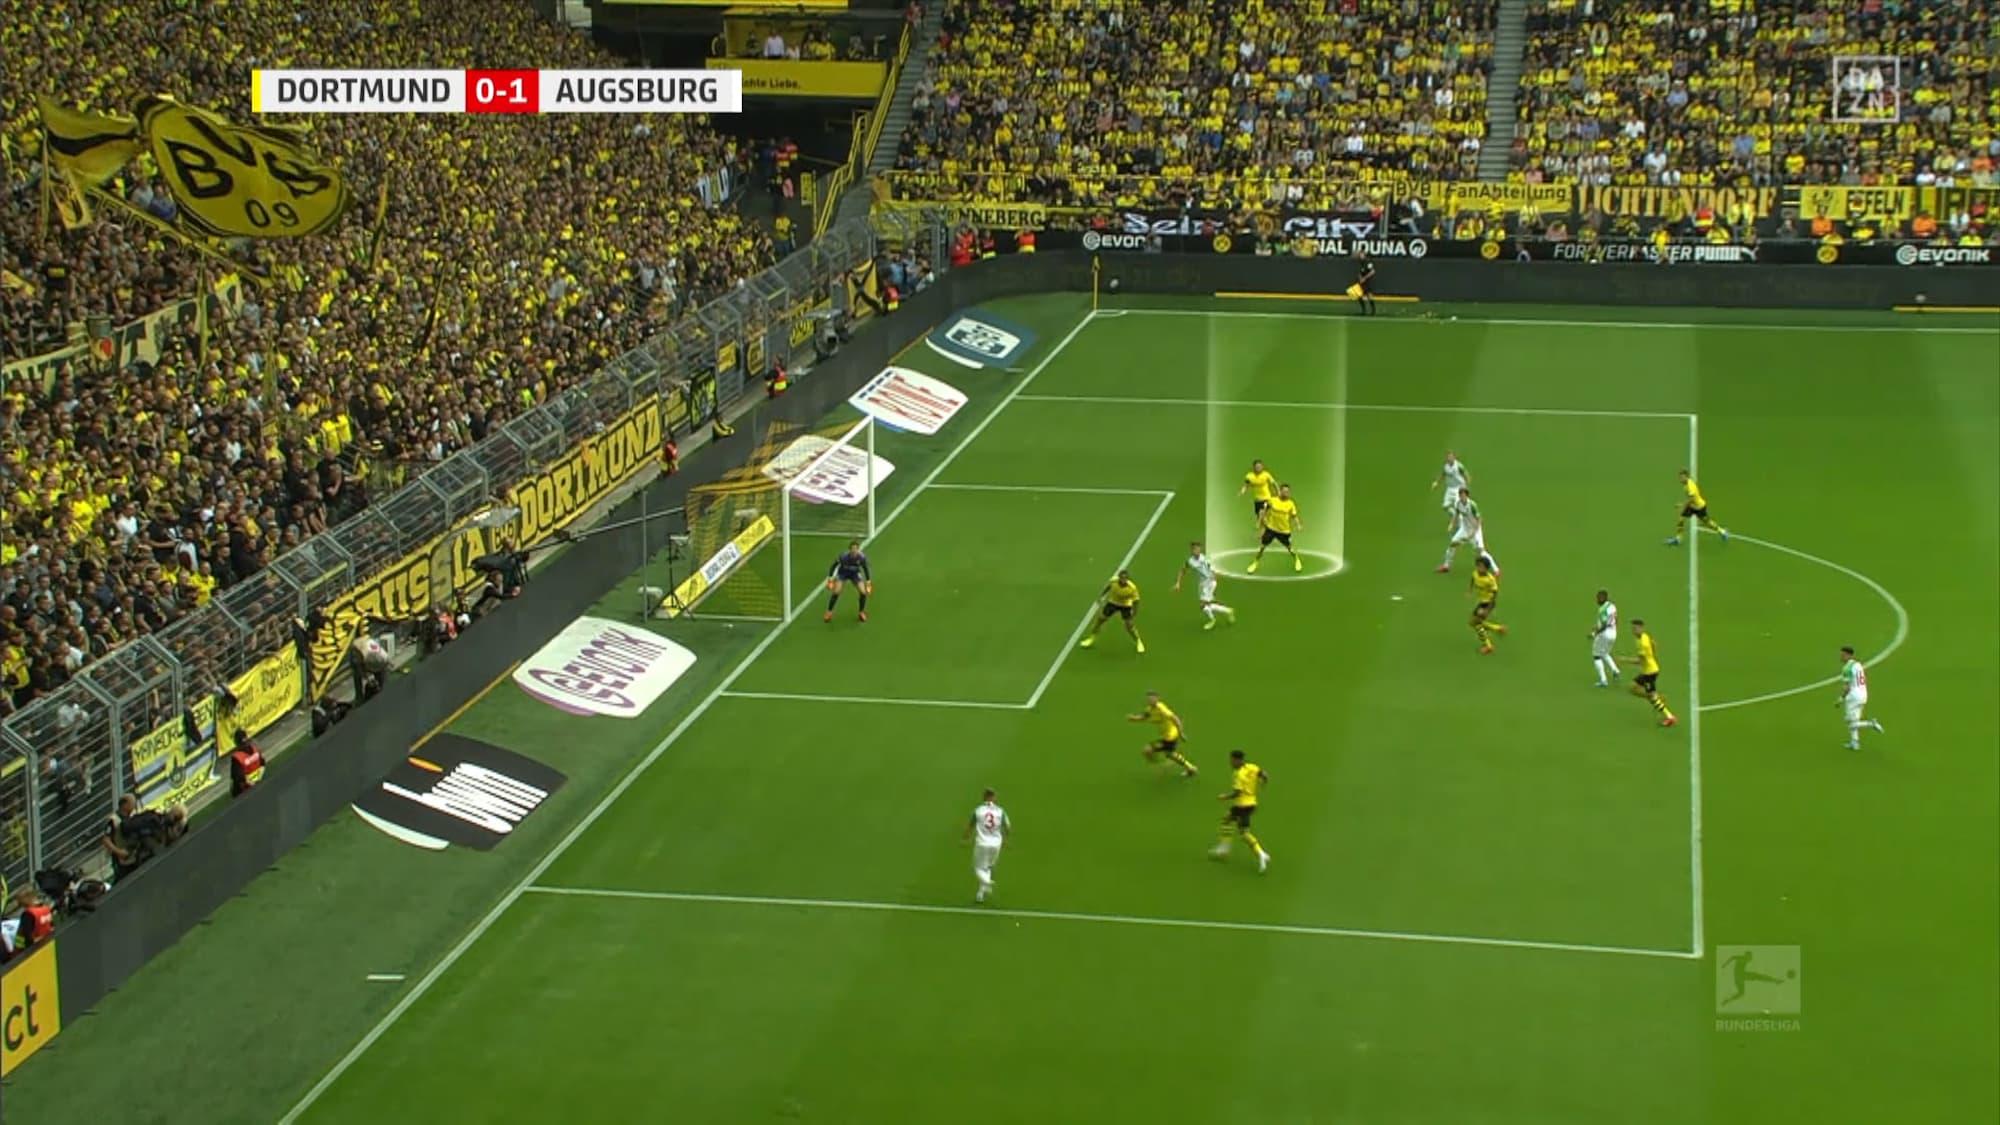 Bundesliga-Söldner im Mittelpunkt: Hier steht Akanji nach 32 Sekunden bereits im Schilf